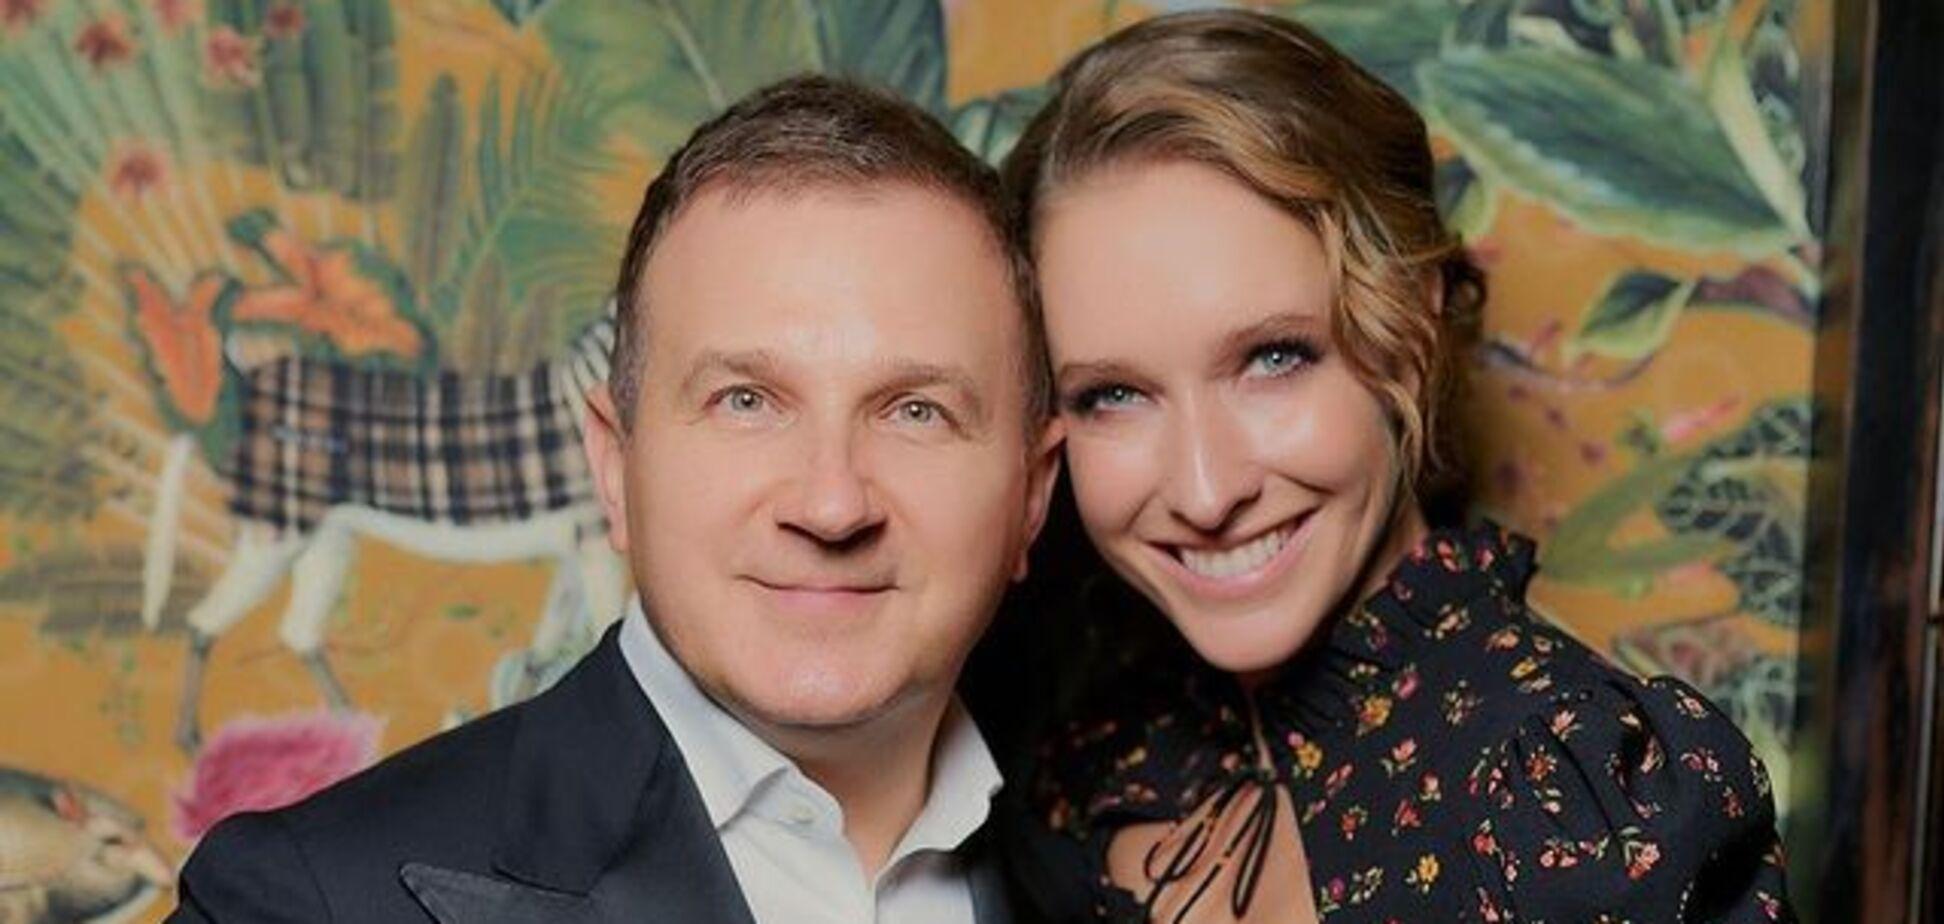 Беременная Осадчая и Горбунов появились на публике в стильных луках. Фото